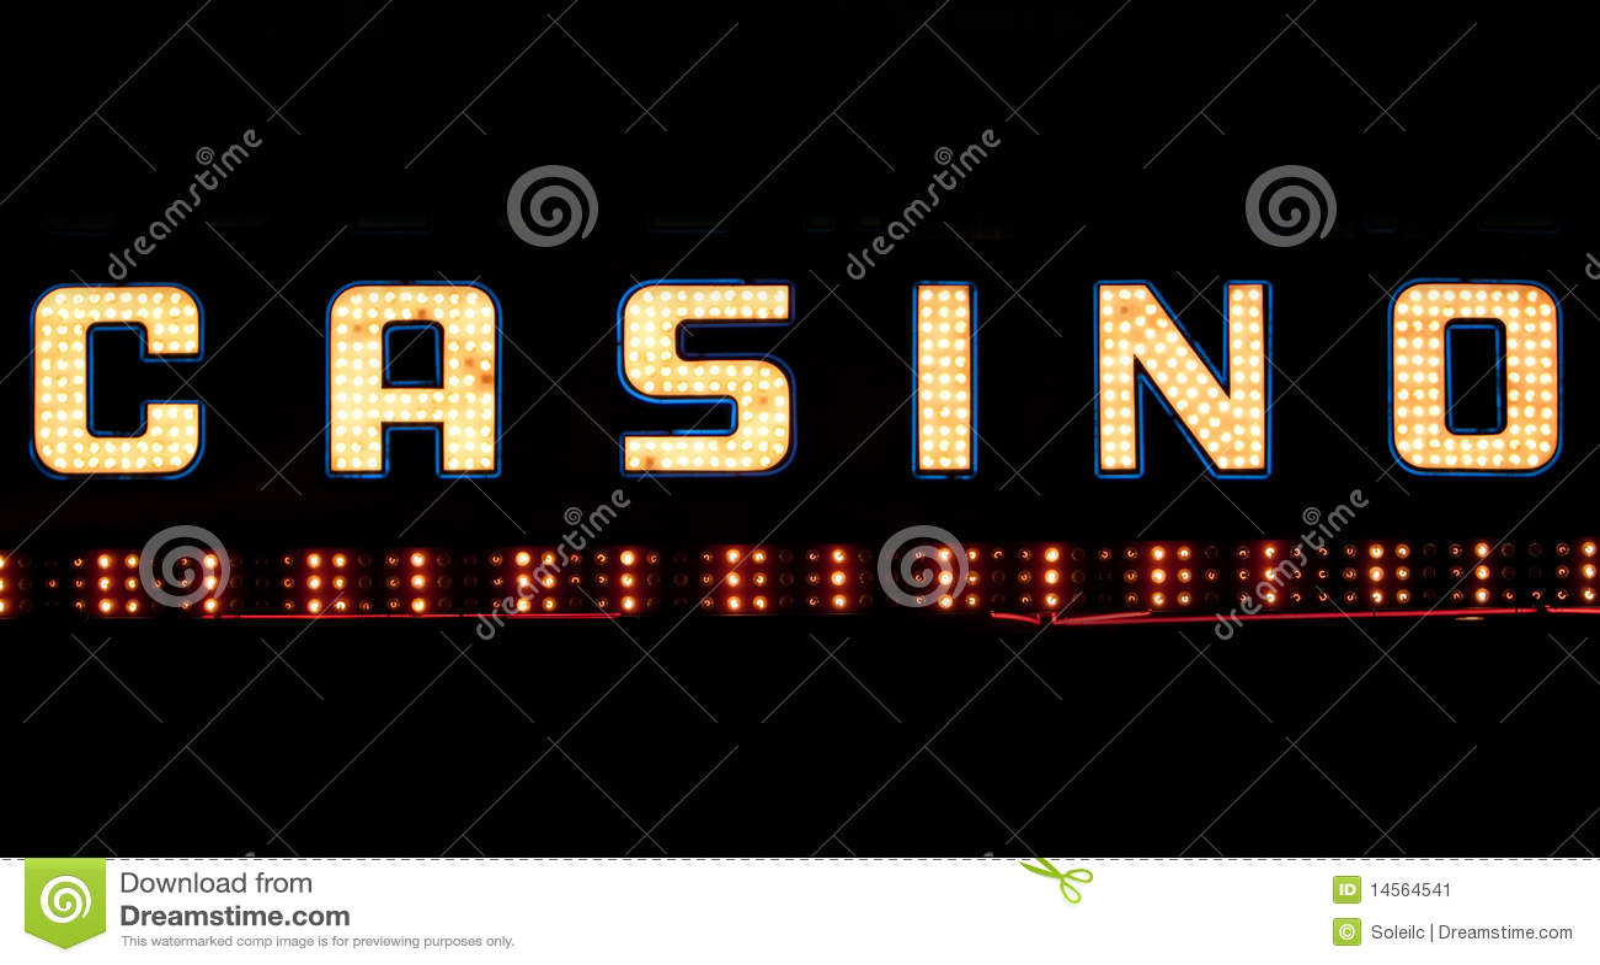 Casino signage